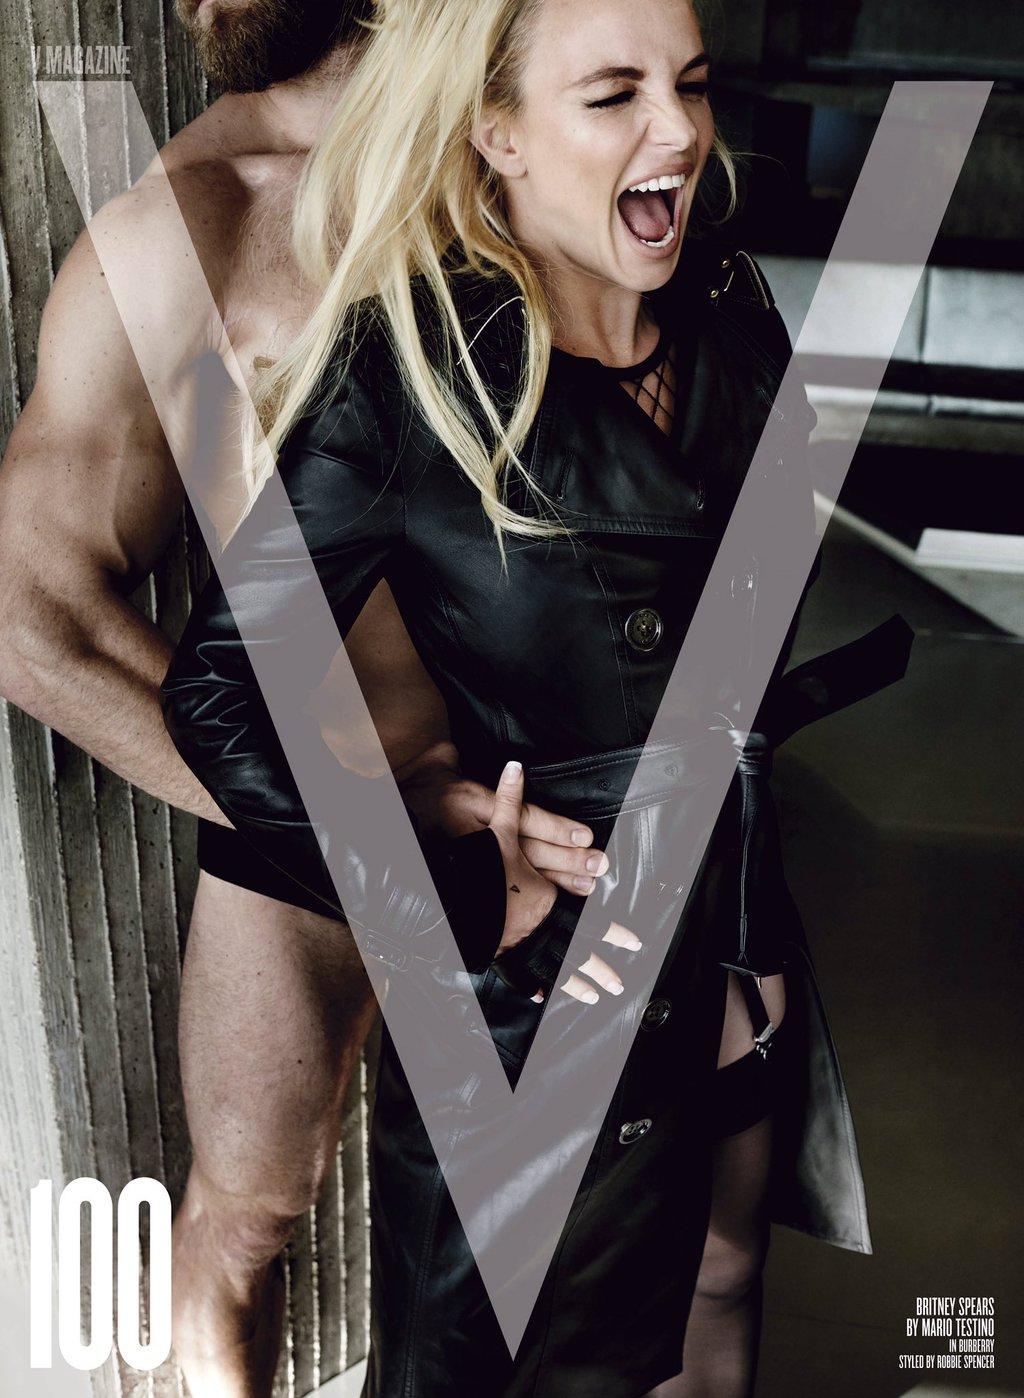 El nuevo disco de Britney Spears está al caer